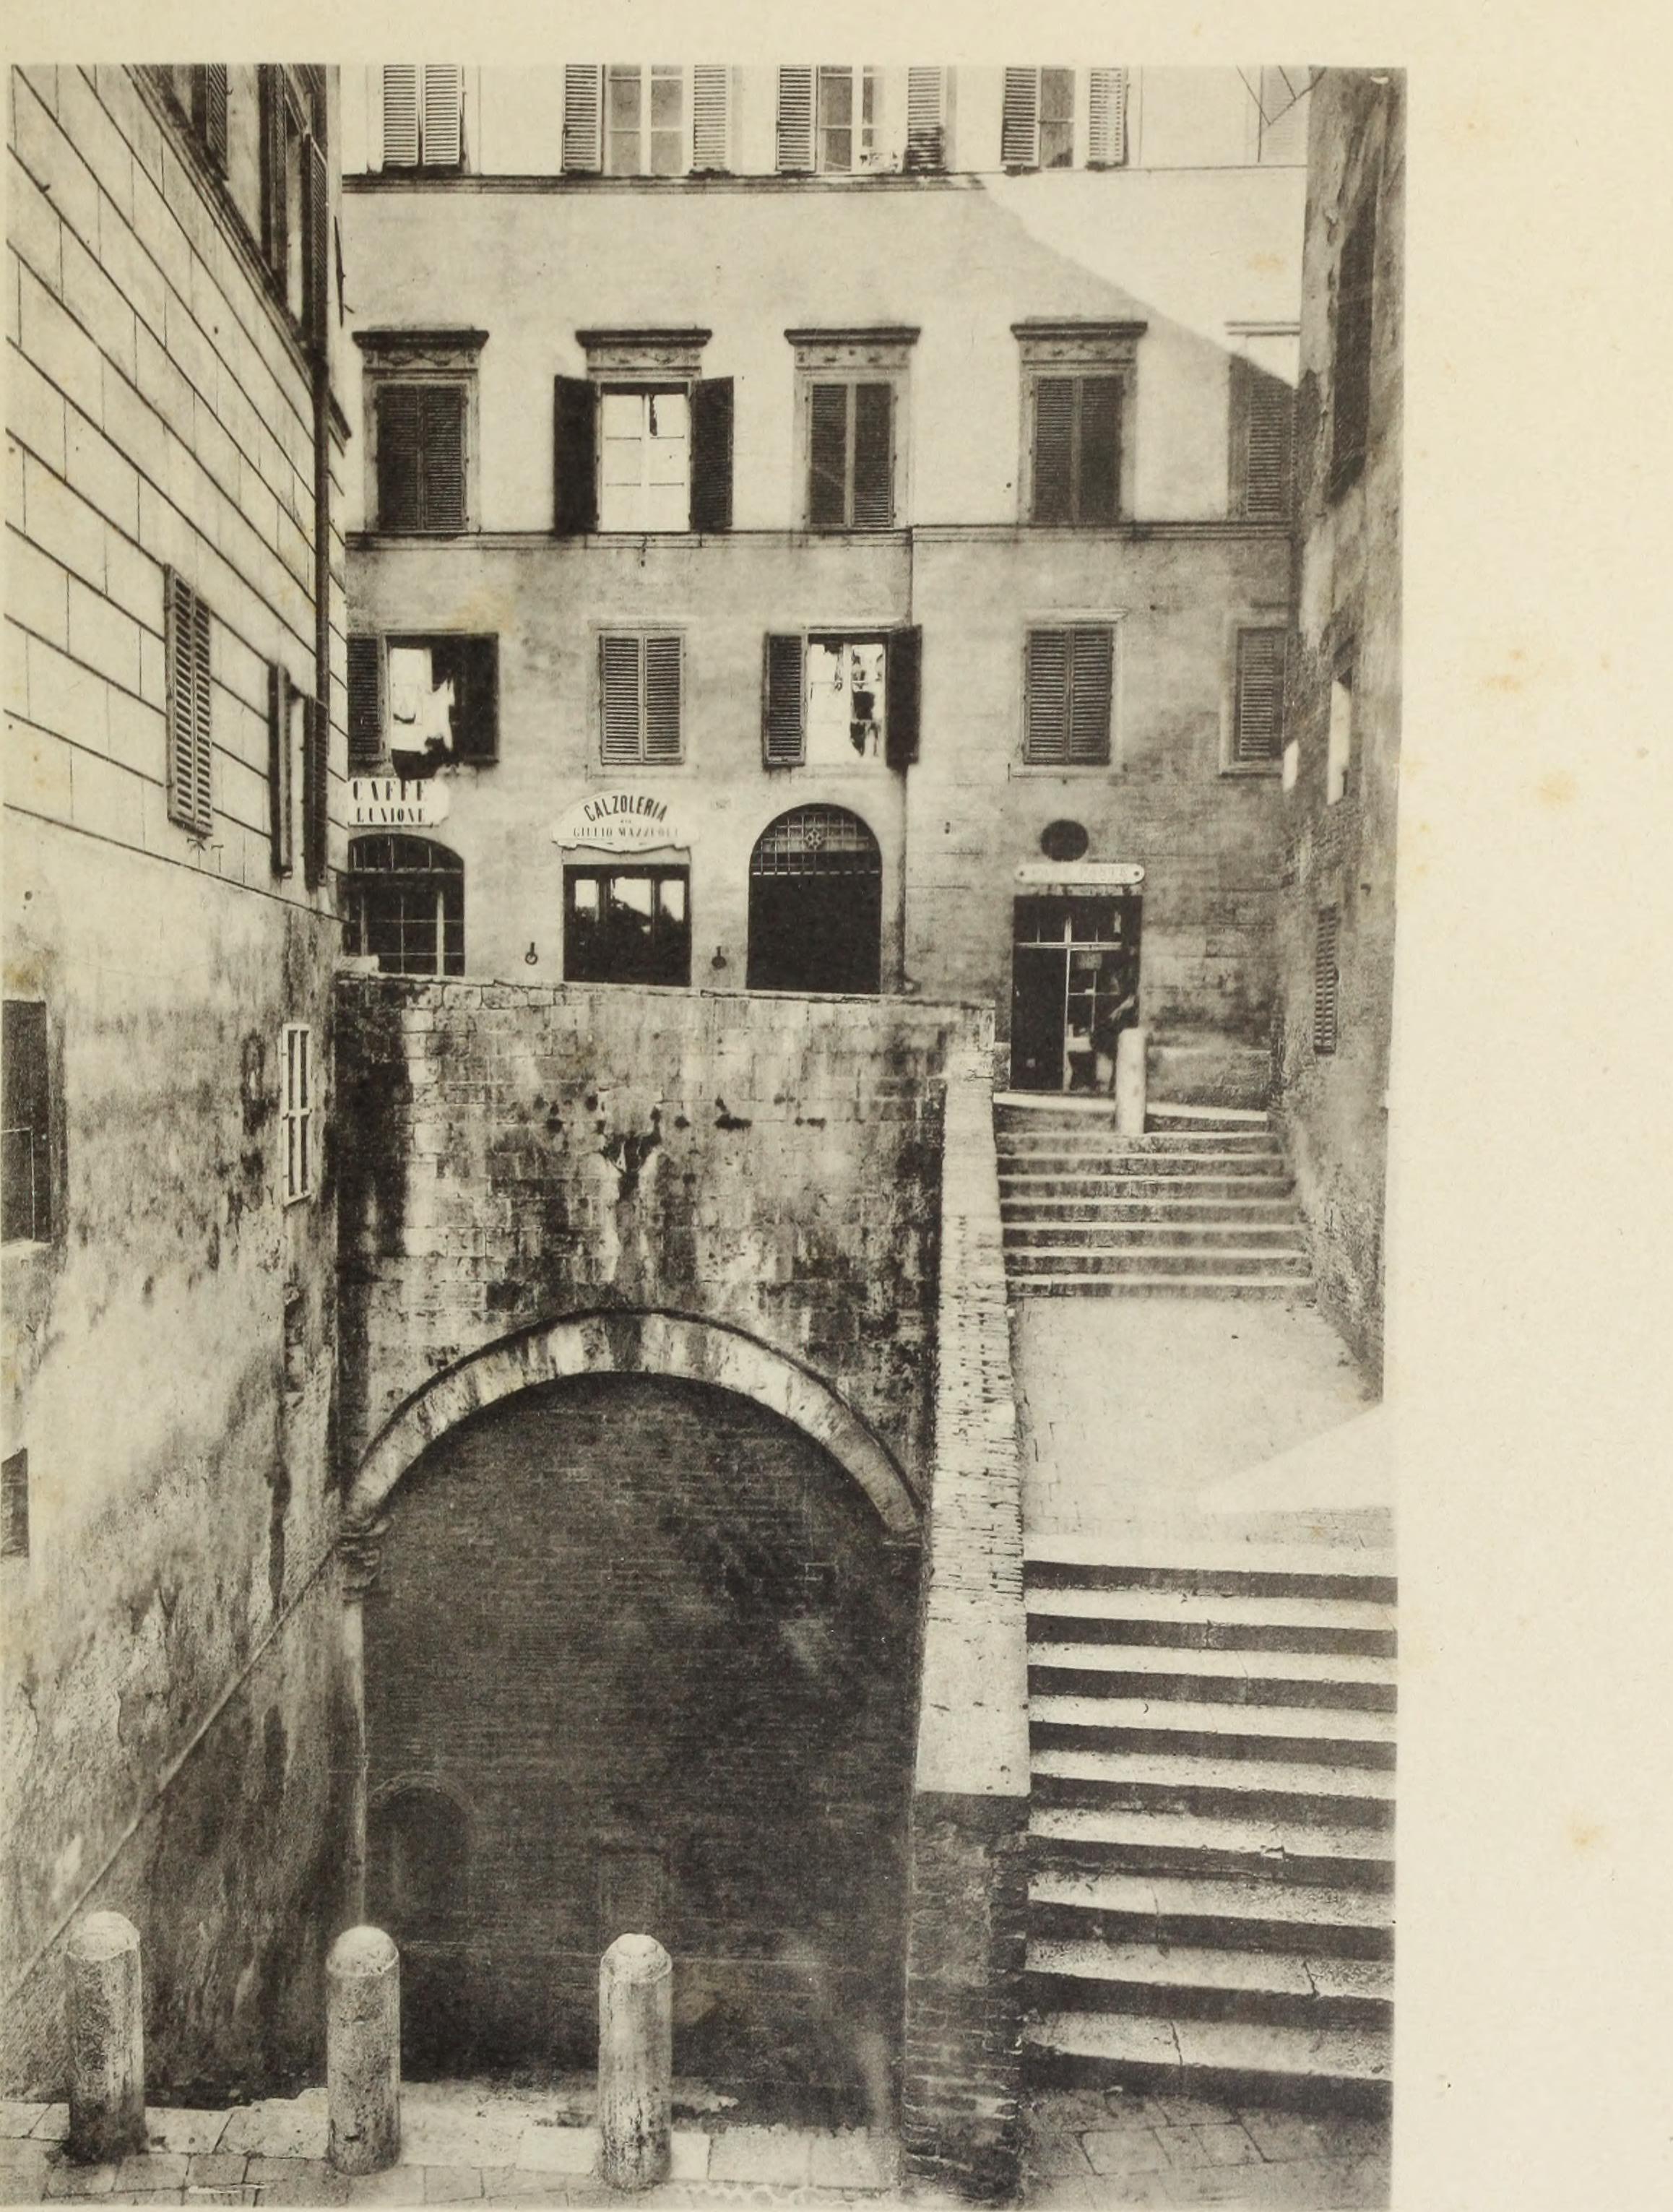 Le fonti di Siena e i loro aquedotti, note storiche dalle origini fino al MDLV (1906) (14797212443).jpg